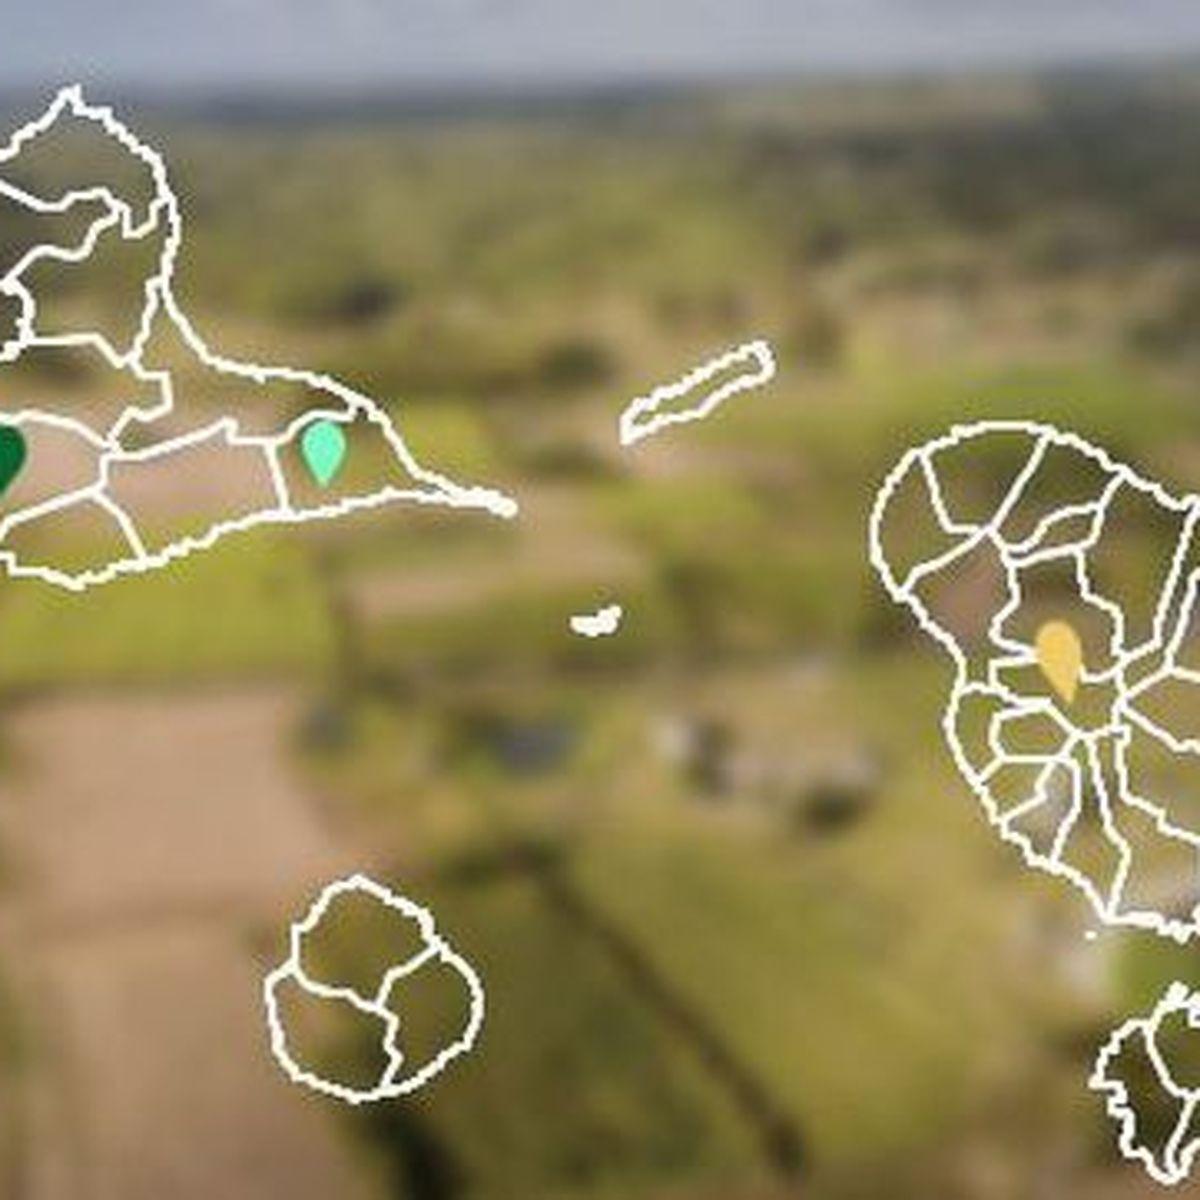 Guadeloupe et Martinique dissoutes dans le chlordécone